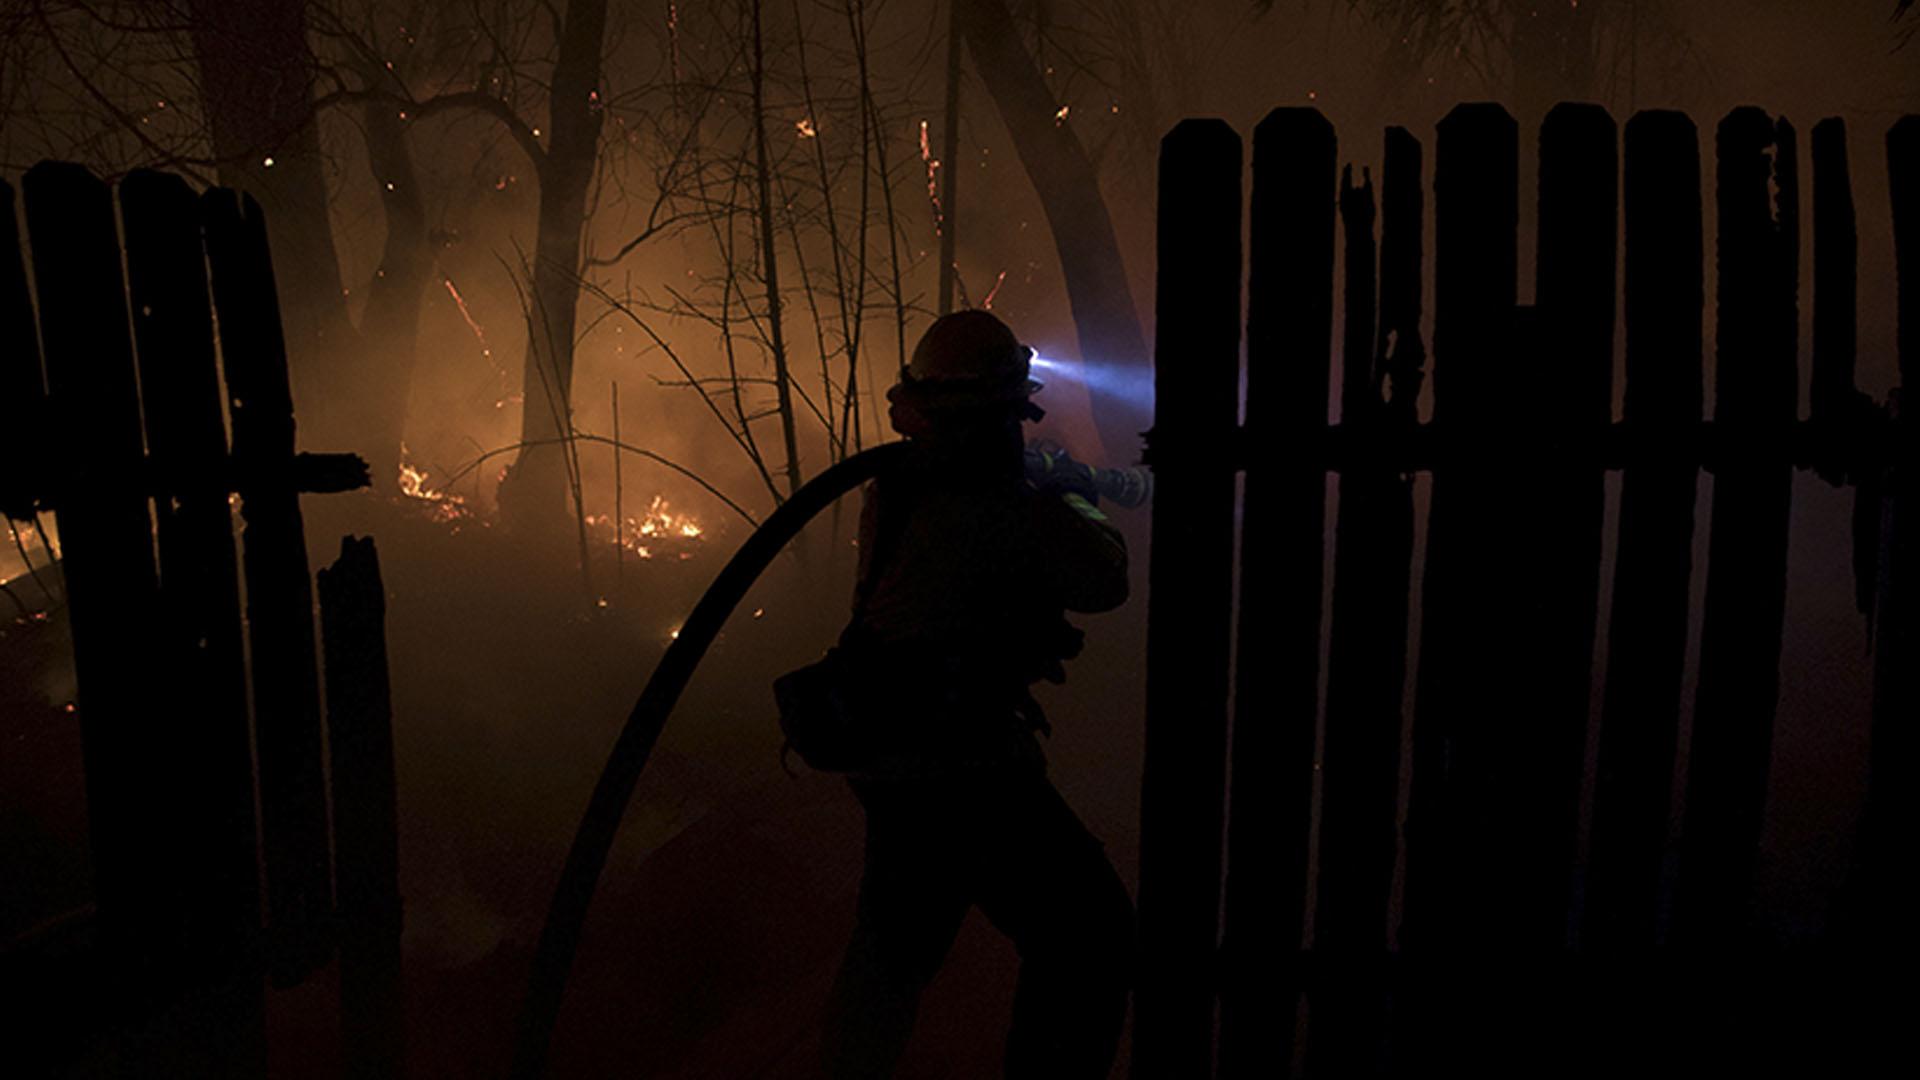 Al menos un bombero resultó herido en el esfuerzo por contener el fuego, que sigue propagándose y amenazando la localidad californiana, según el Departamento de Bomberos del condado de Ventura